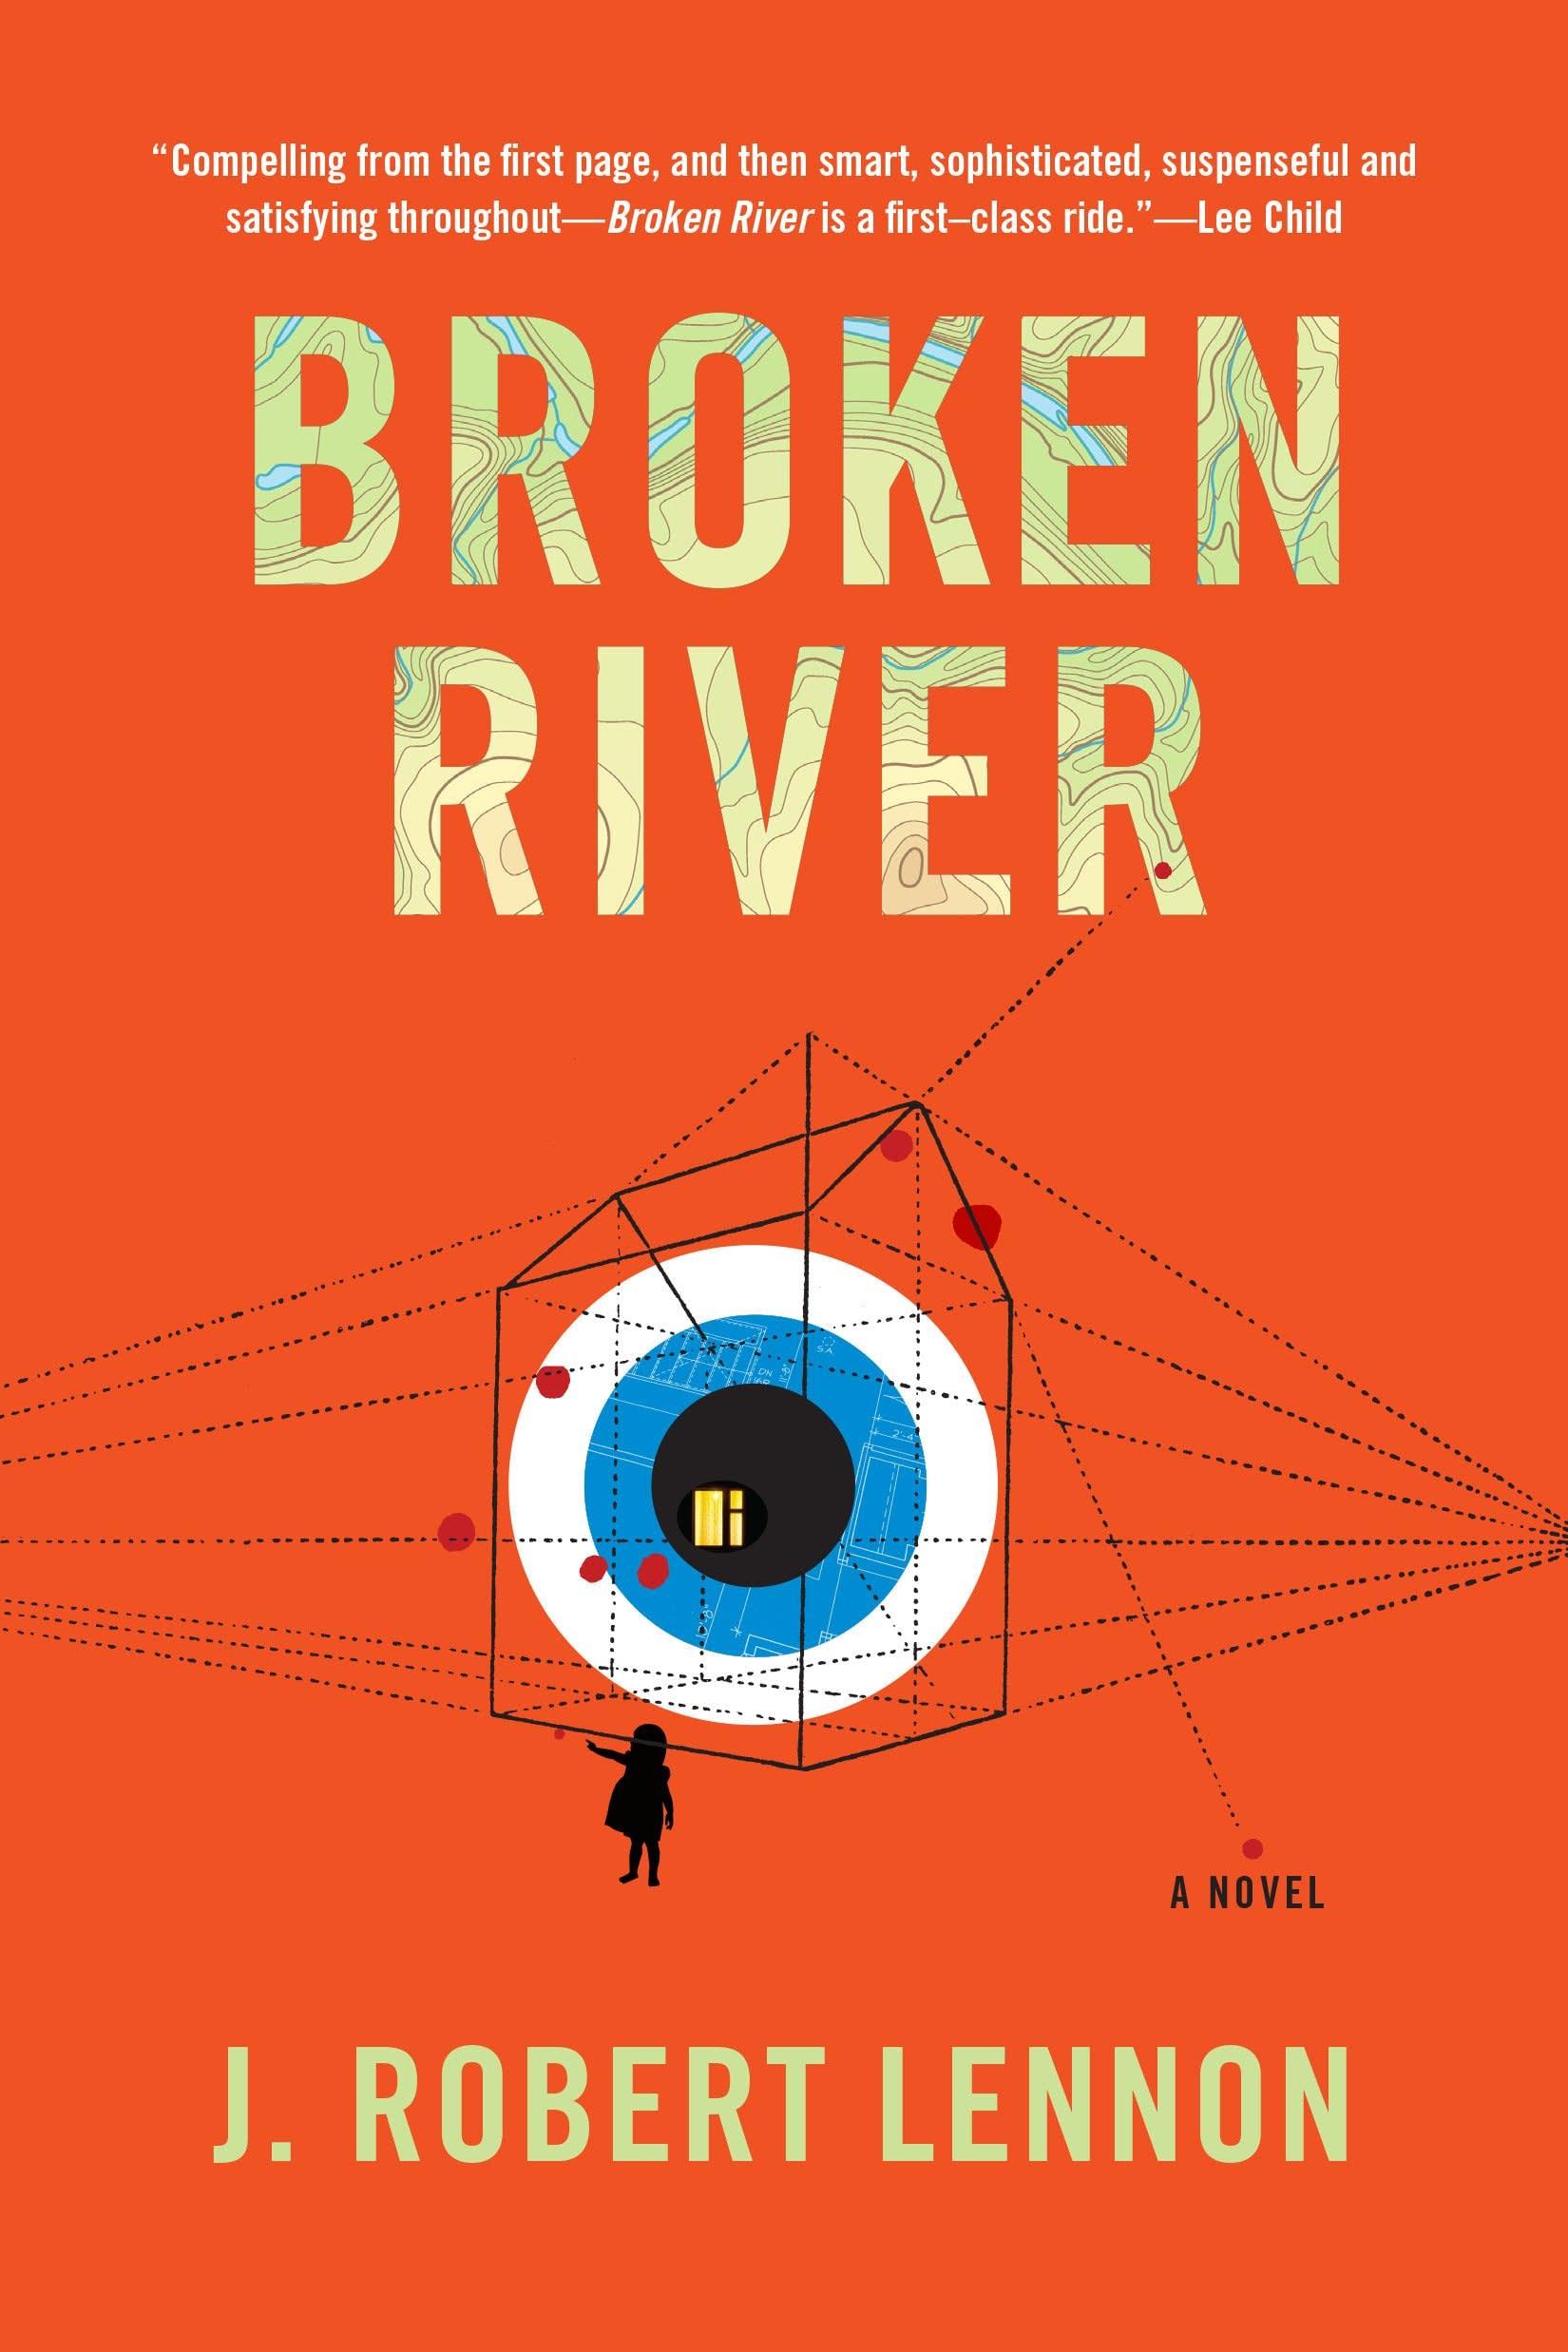 Broken River, the latest J. Robert Lennon novel.